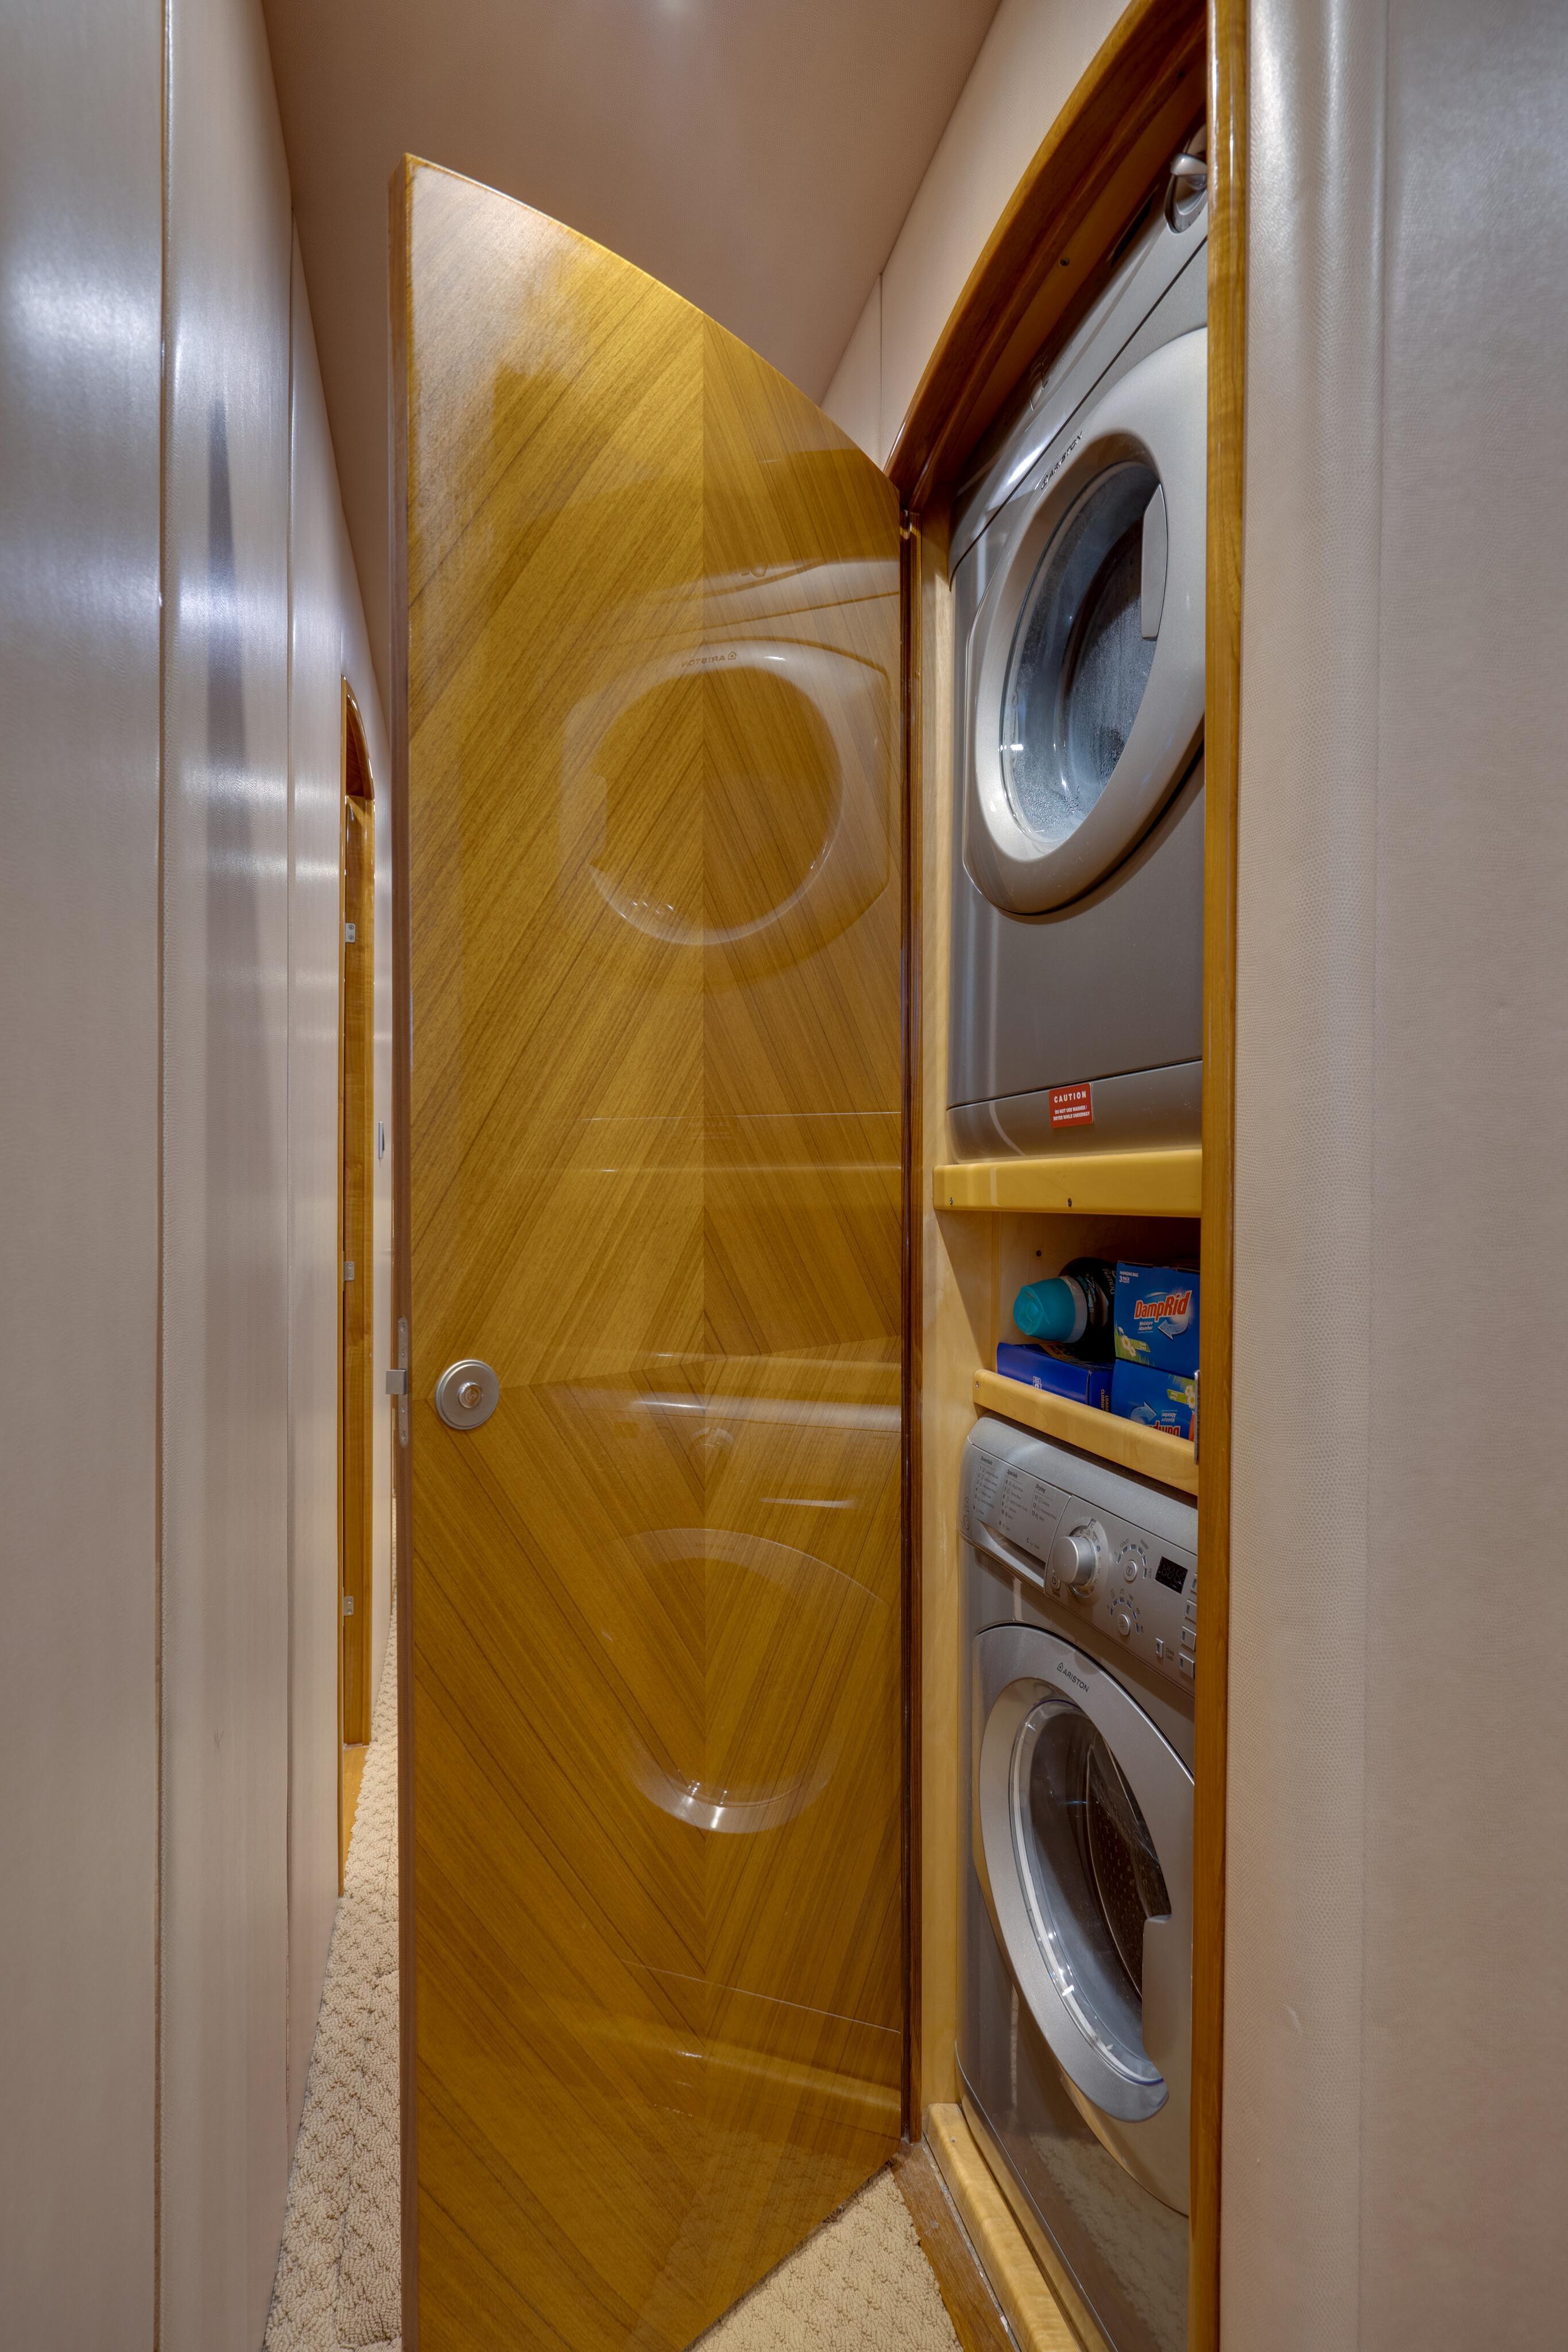 2012 76 Viking SF - Laundry